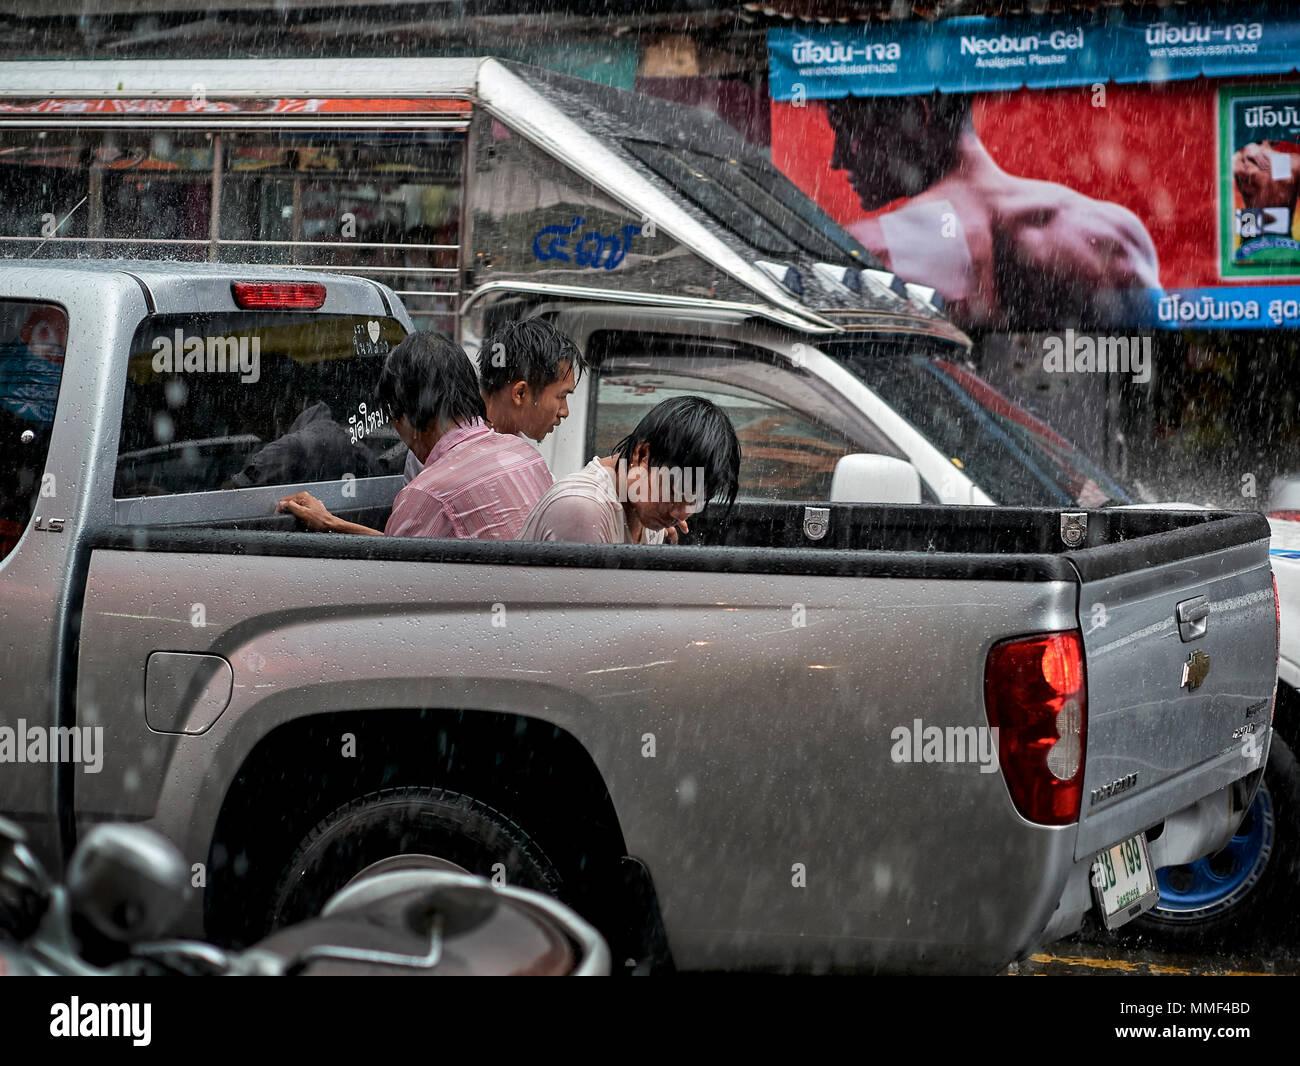 La lluvia. Personas que iban como pasajeros en una camioneta atrapada en las lluvias torrenciales. Tailandia la temporada de los monzones. El sudeste de Asia. Imagen De Stock